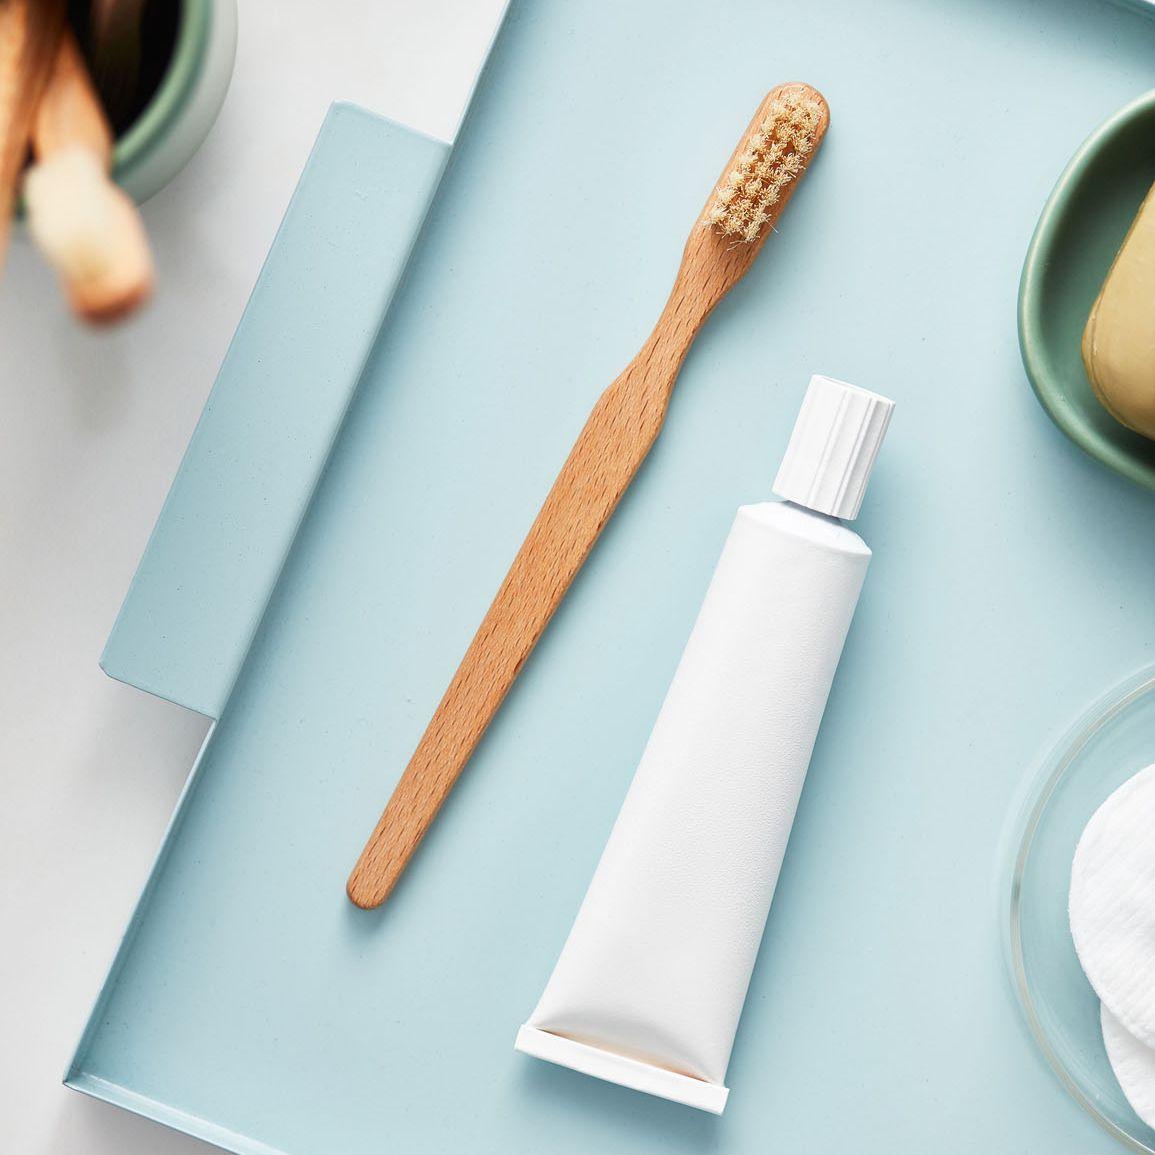 Kem đánh răng không phải là cách trị mụn bọc được bác sĩ da liễu khuyên dùng